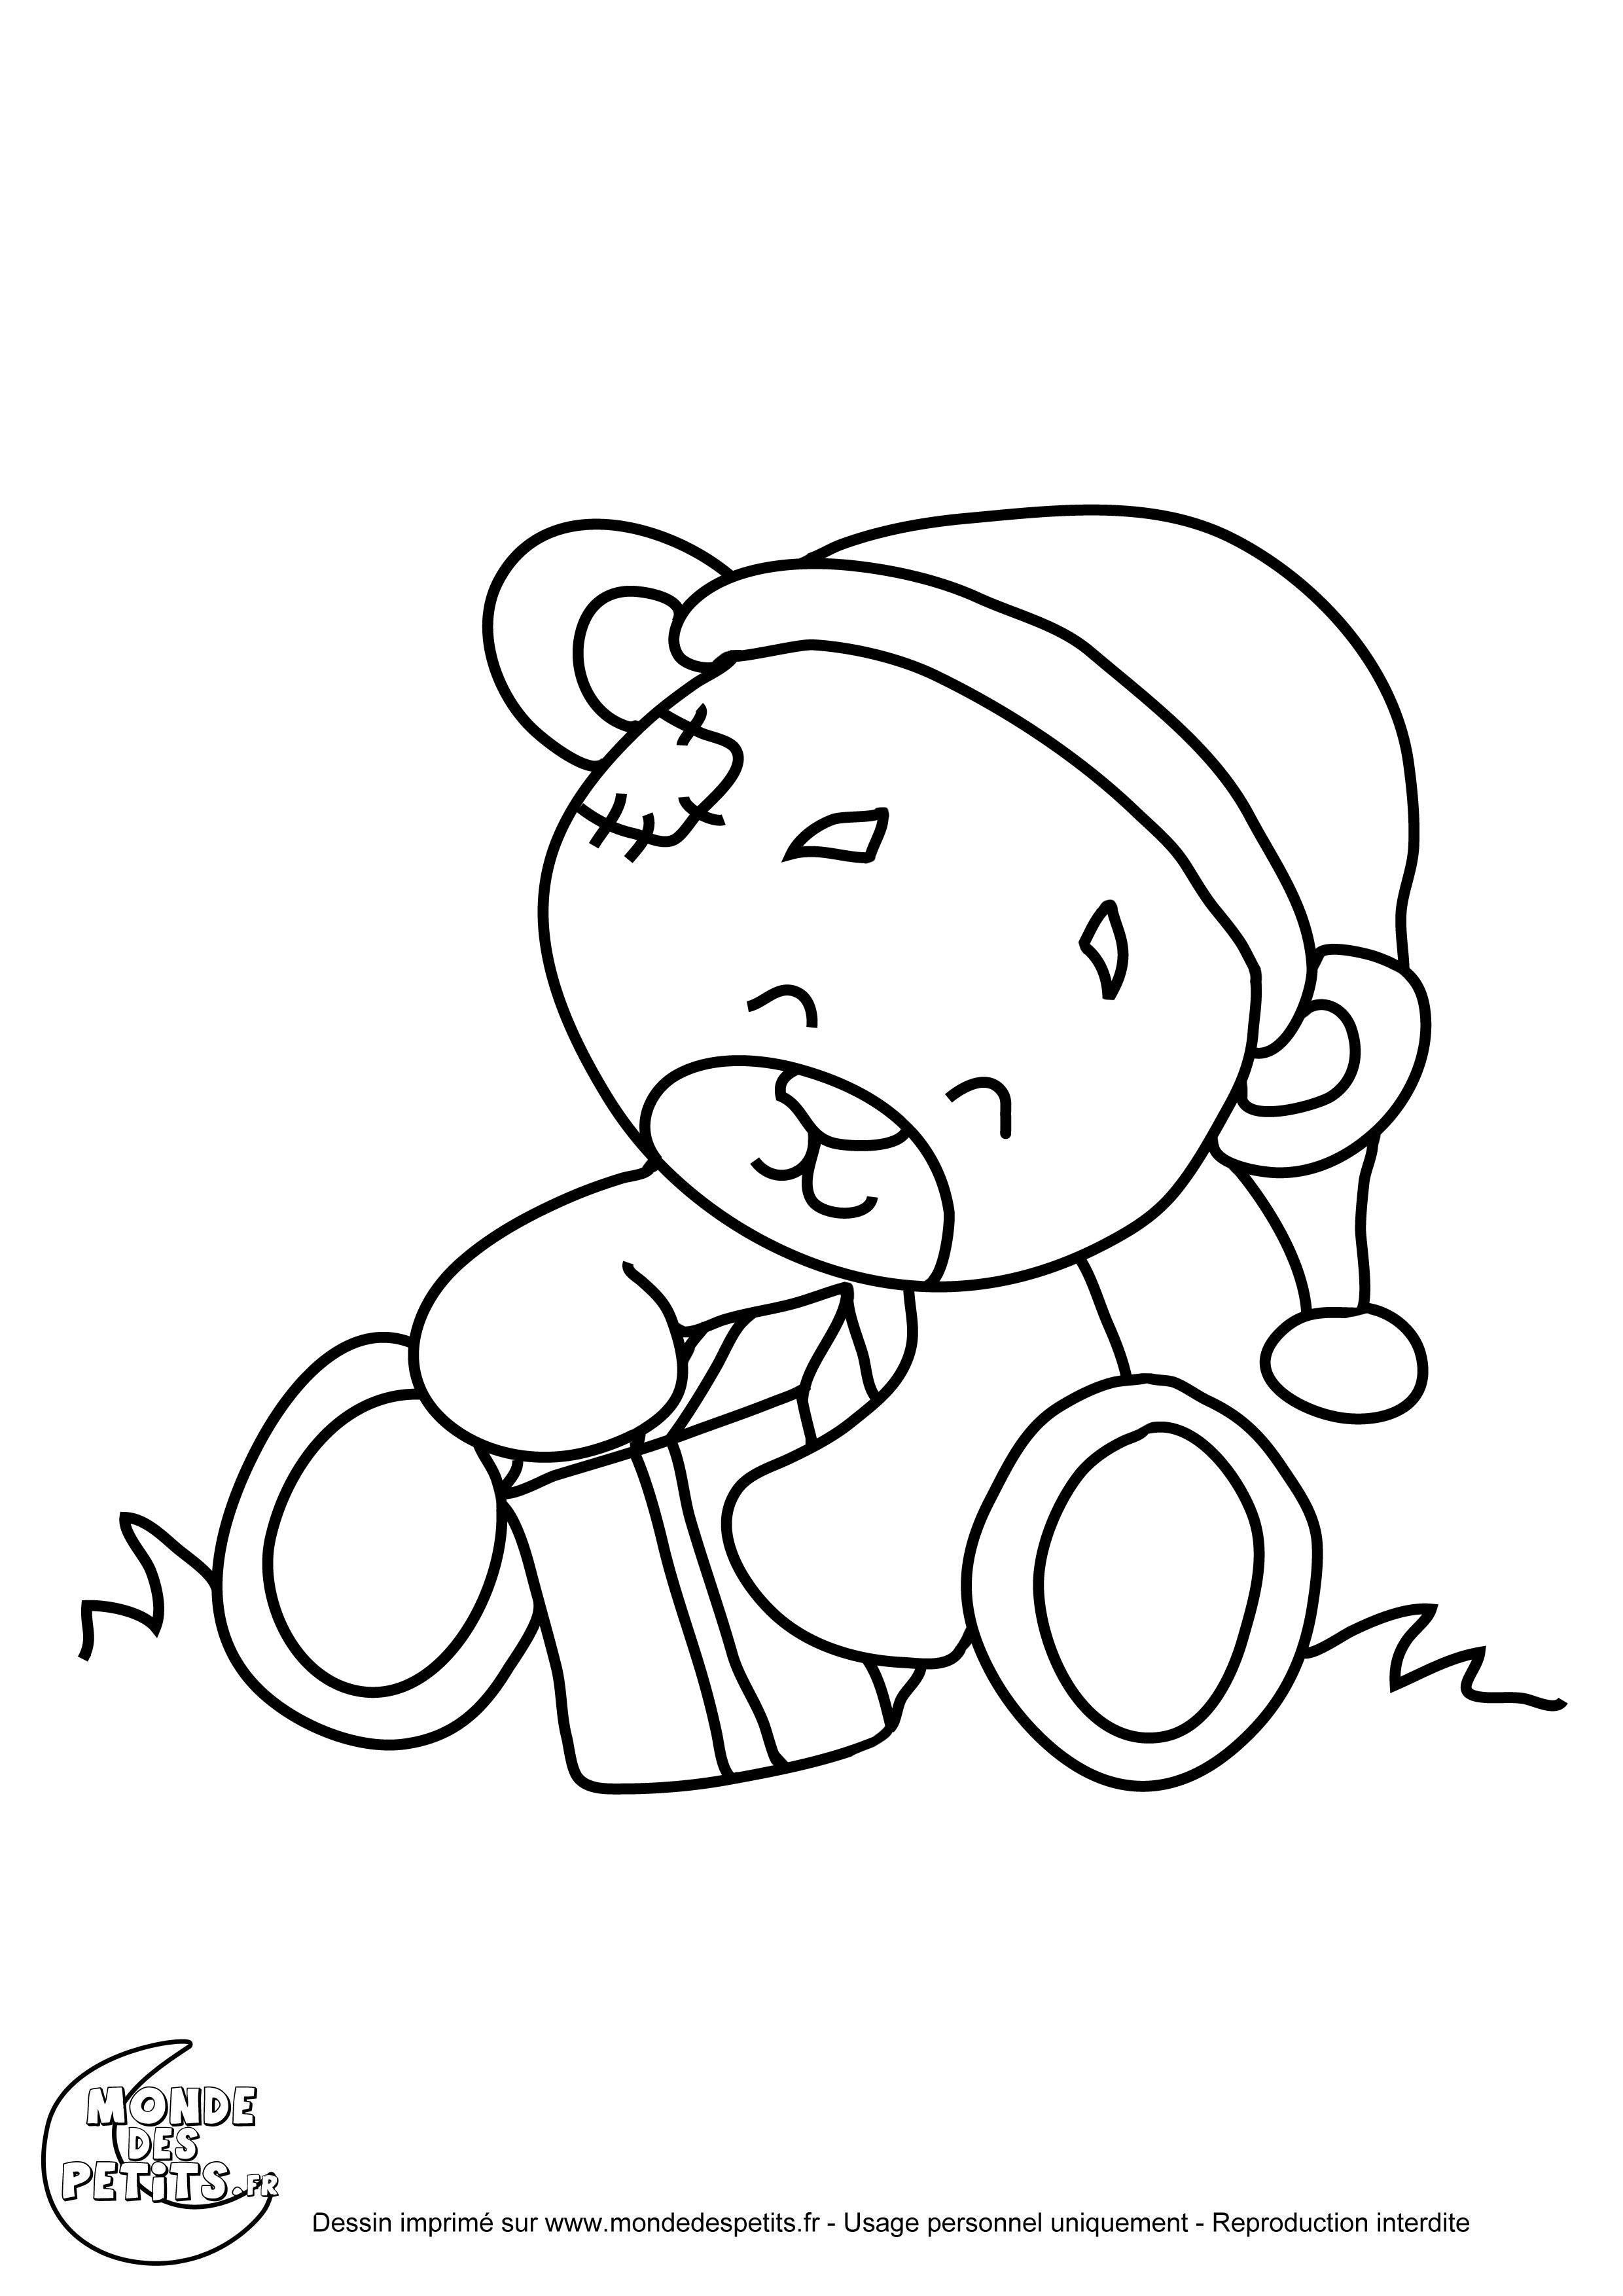 Video De Dessin De Noel Facile : monde des petits coloriages imprimer ~ Pogadajmy.info Styles, Décorations et Voitures